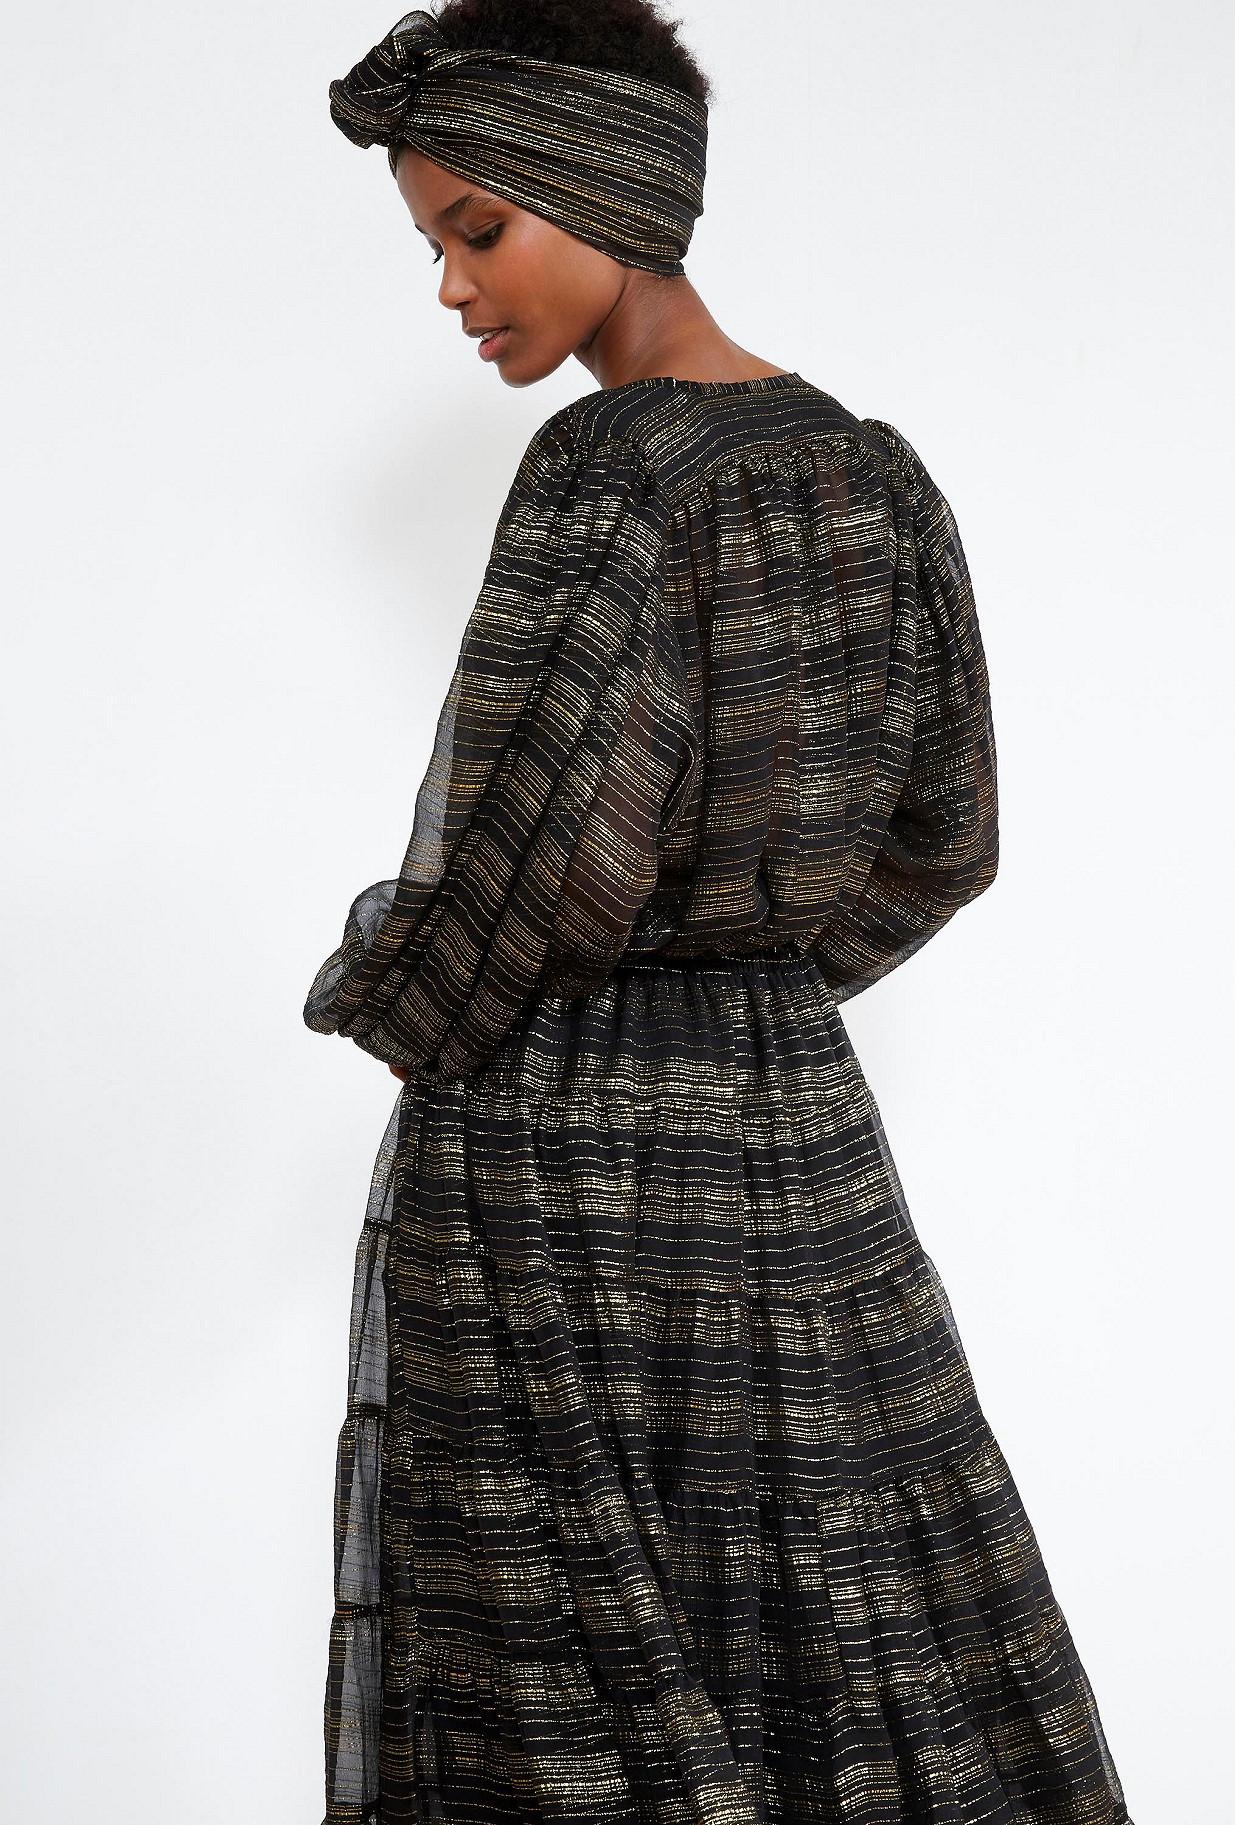 Berry  SKIRT  Epopee Mes demoiselles fashion clothes designer Paris